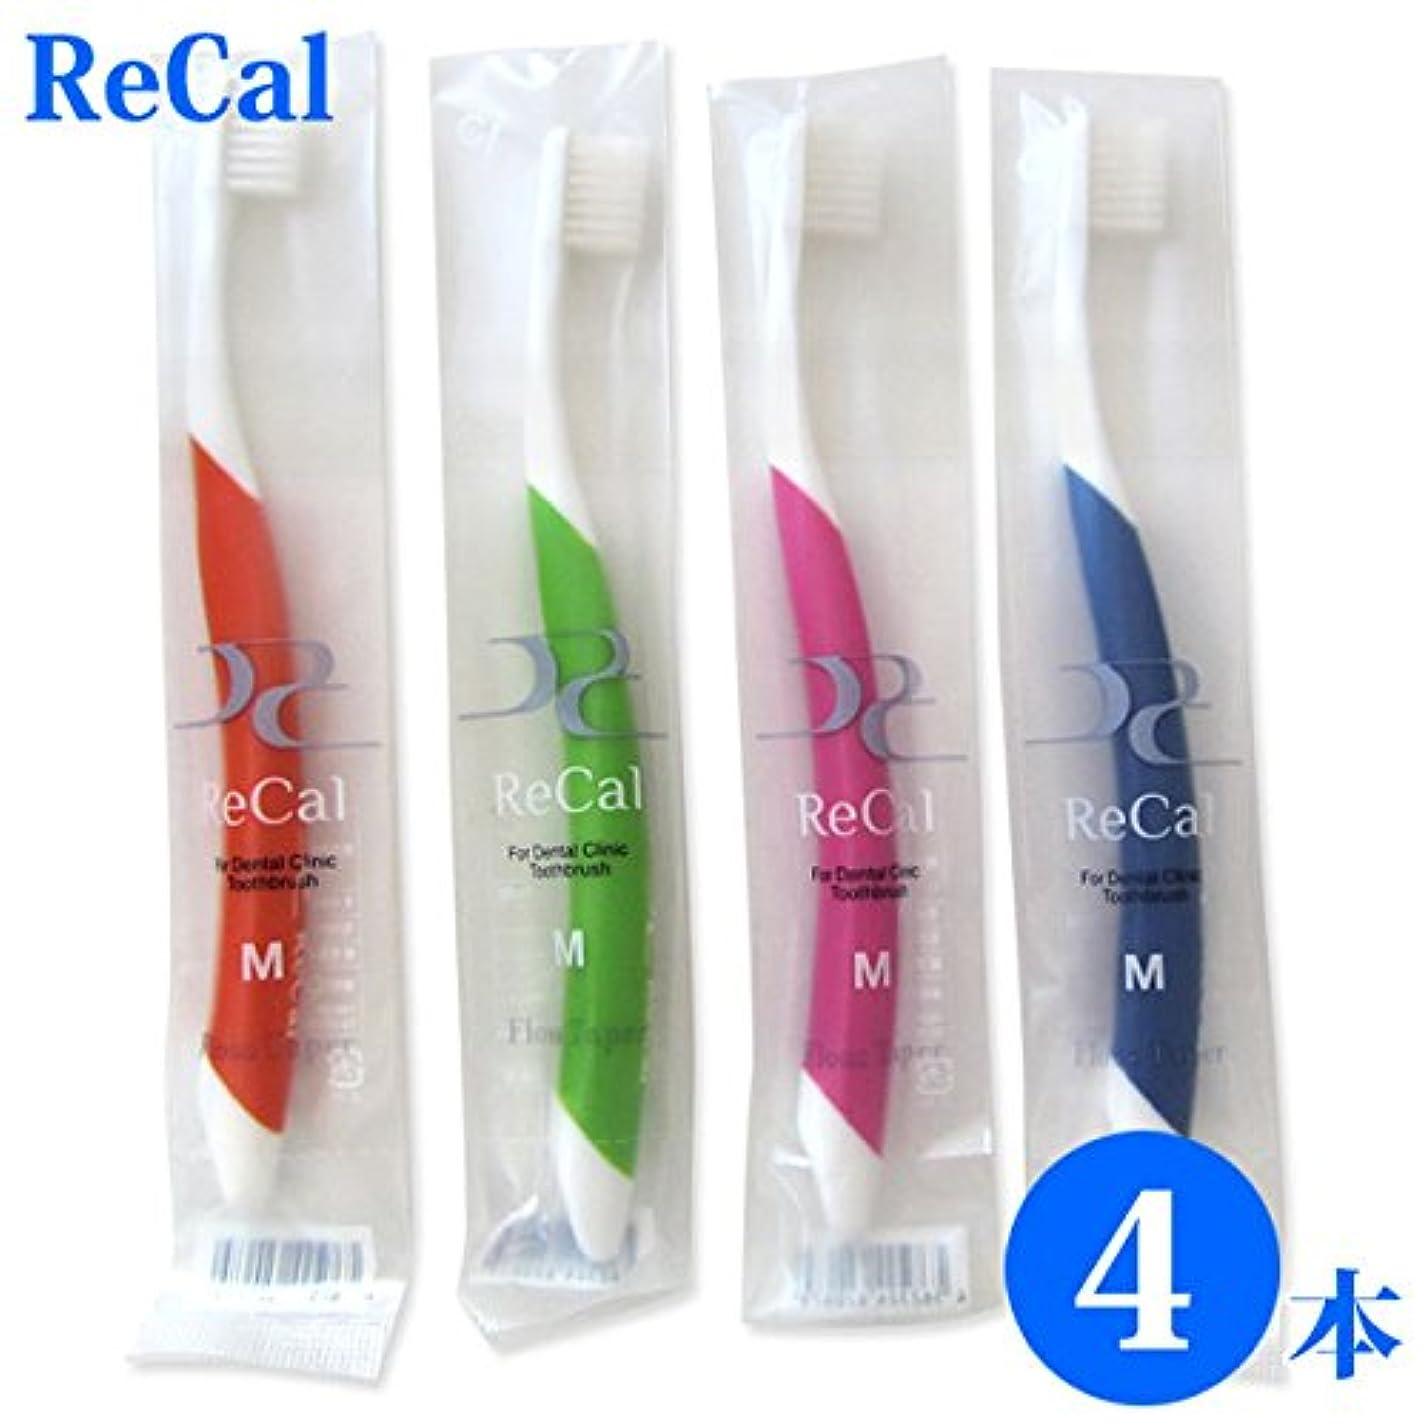 ブースライバル罪悪感リカル 4色セット 歯科医院専用商品 ReCal リカル M 大人用 一般 歯ブラシ4本 場合20本ま